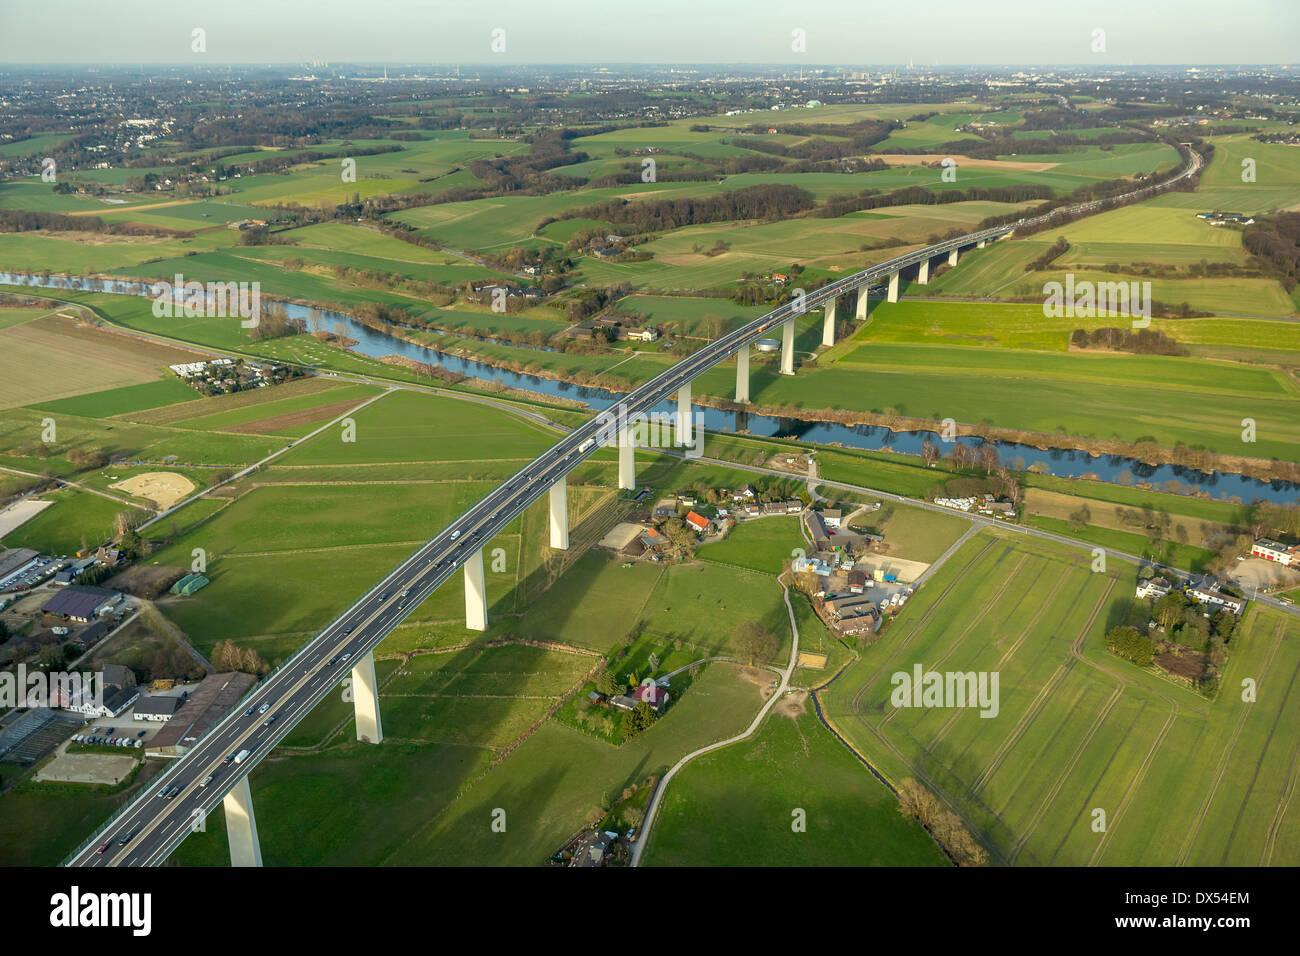 Aerial view, Mintarder Ruhrtalbrücke bridge over the Ruhr valley, Ruhr, motorway A52, Mülheim an der Ruhr, Ruhrgebiet region - Stock Image